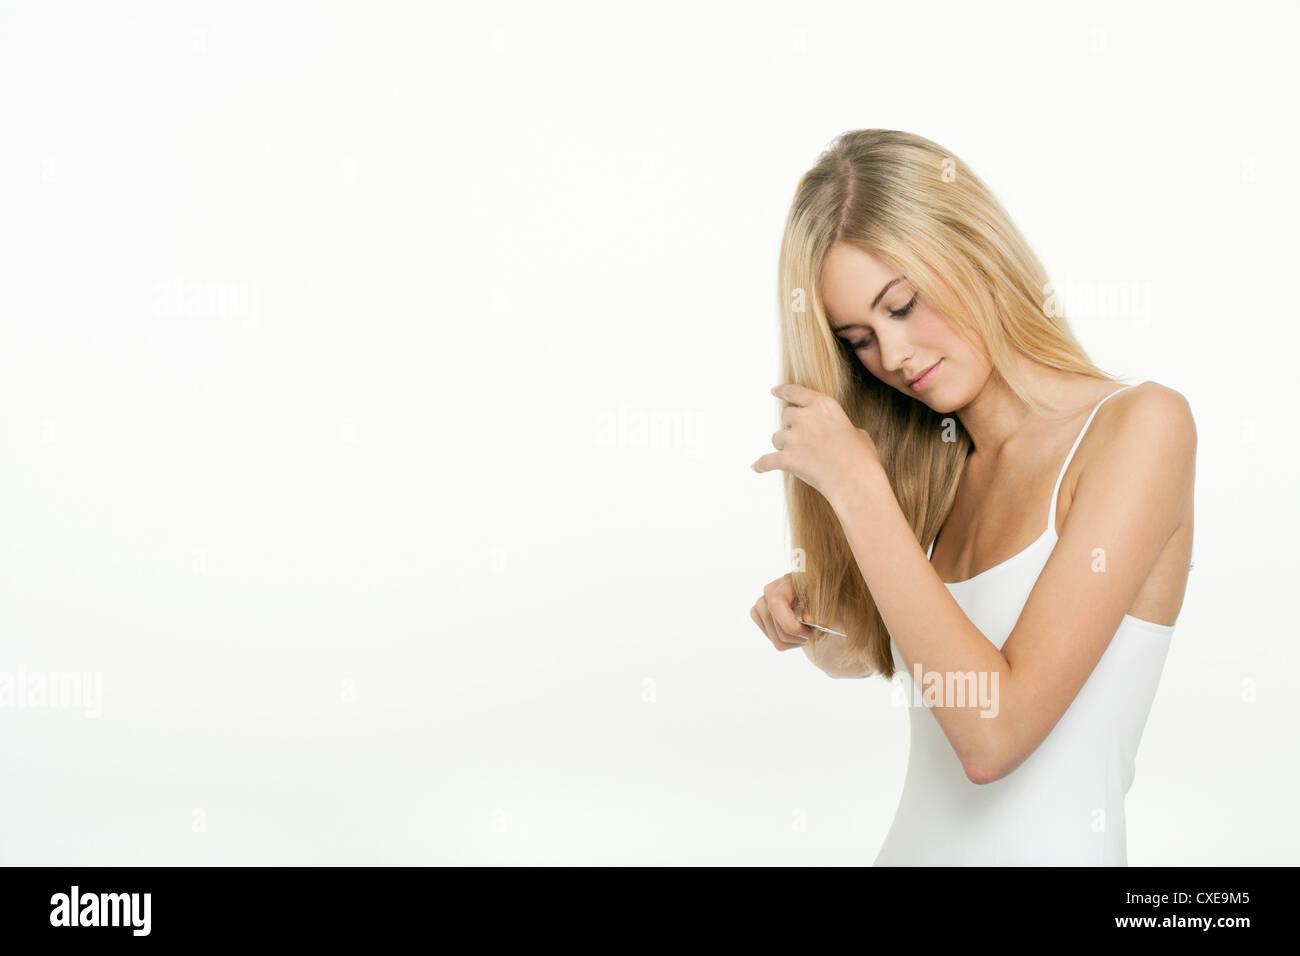 Teen girl combing her hair - Stock Image